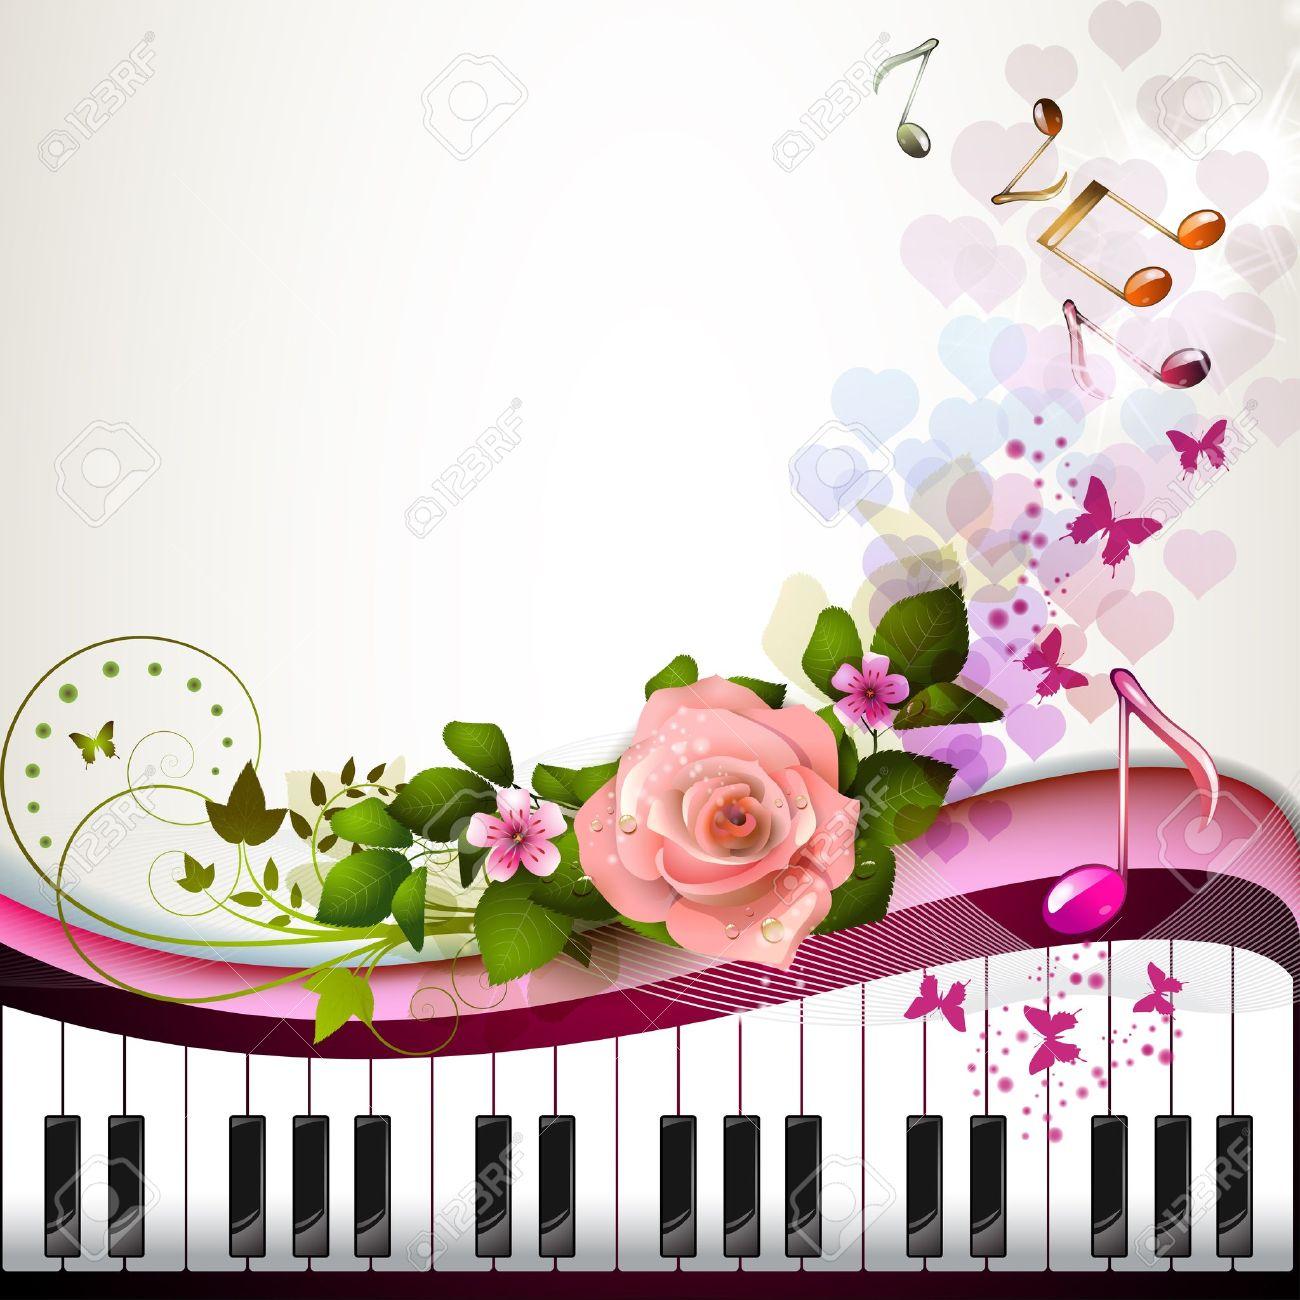 Волны музыки